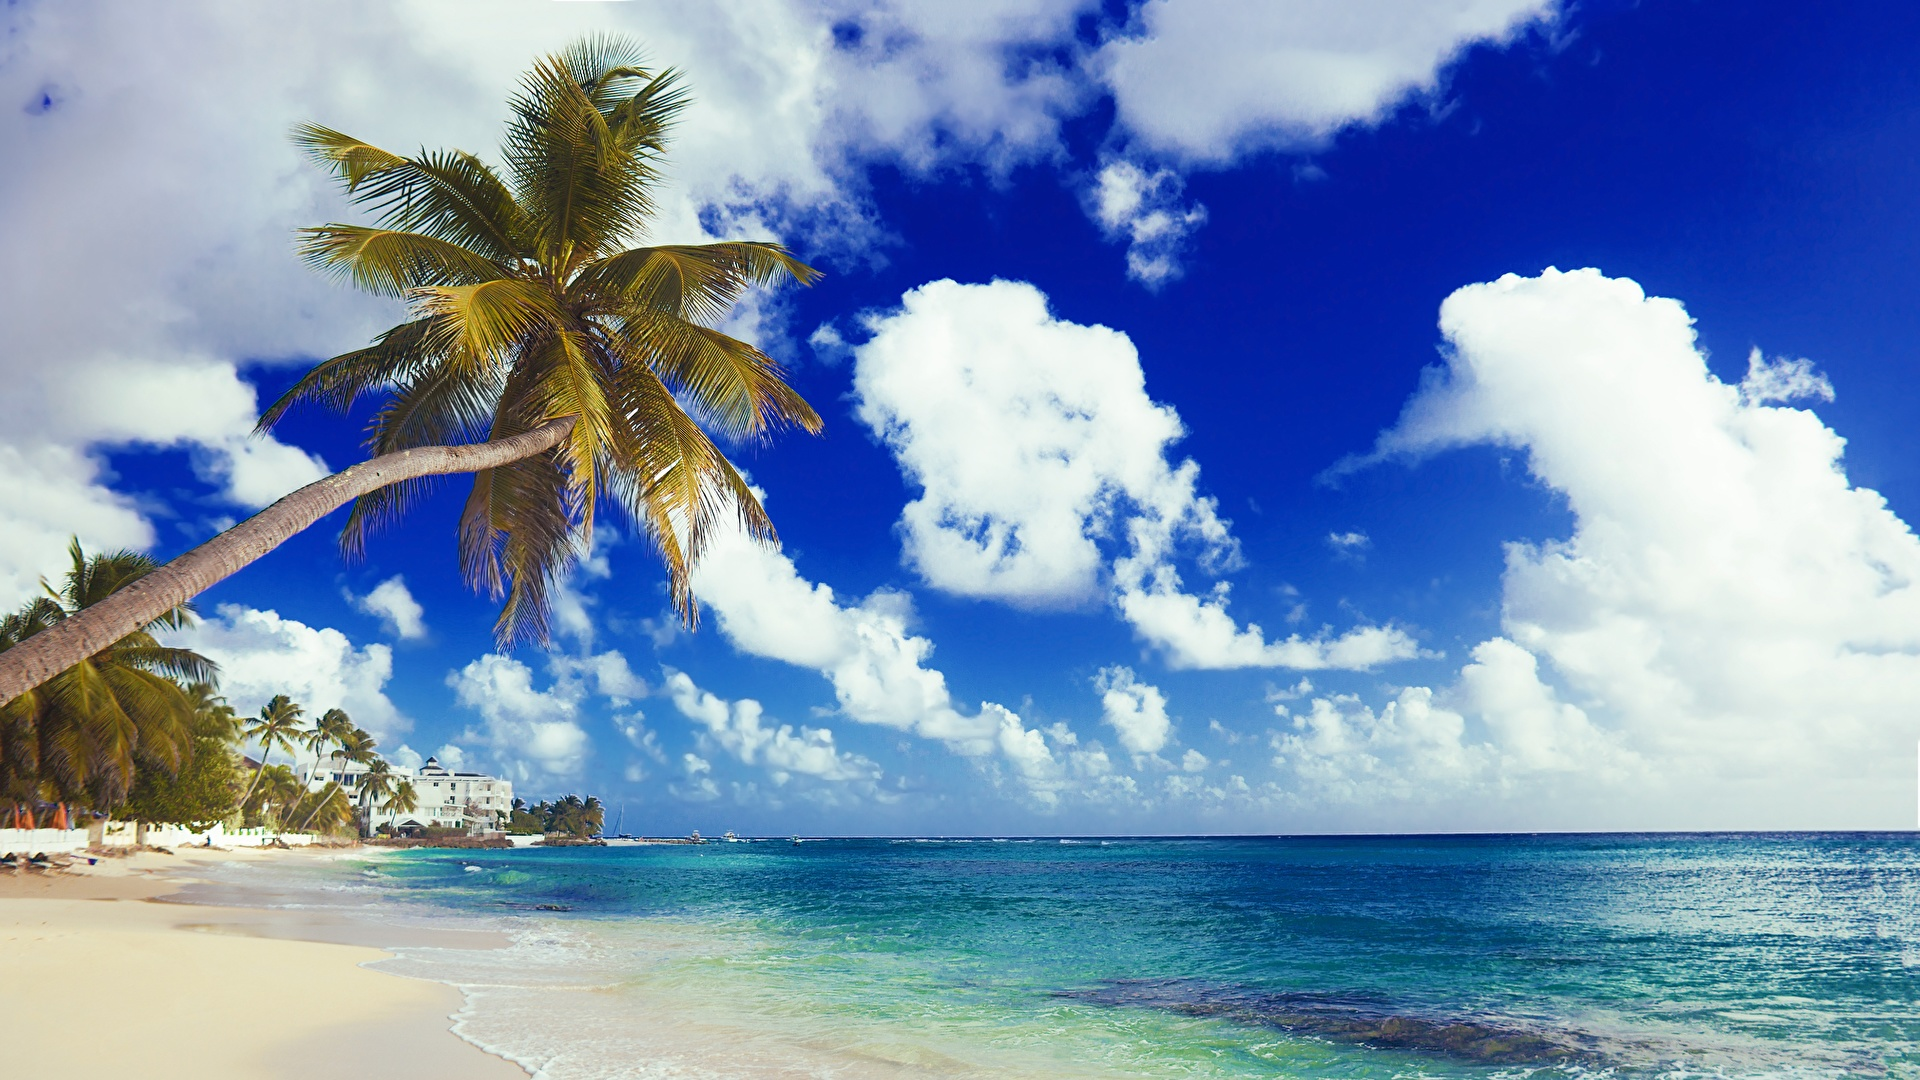 壁紙 19x1080 海岸 海 空 ヤシ ビーチ 雲 自然 ダウンロード 写真